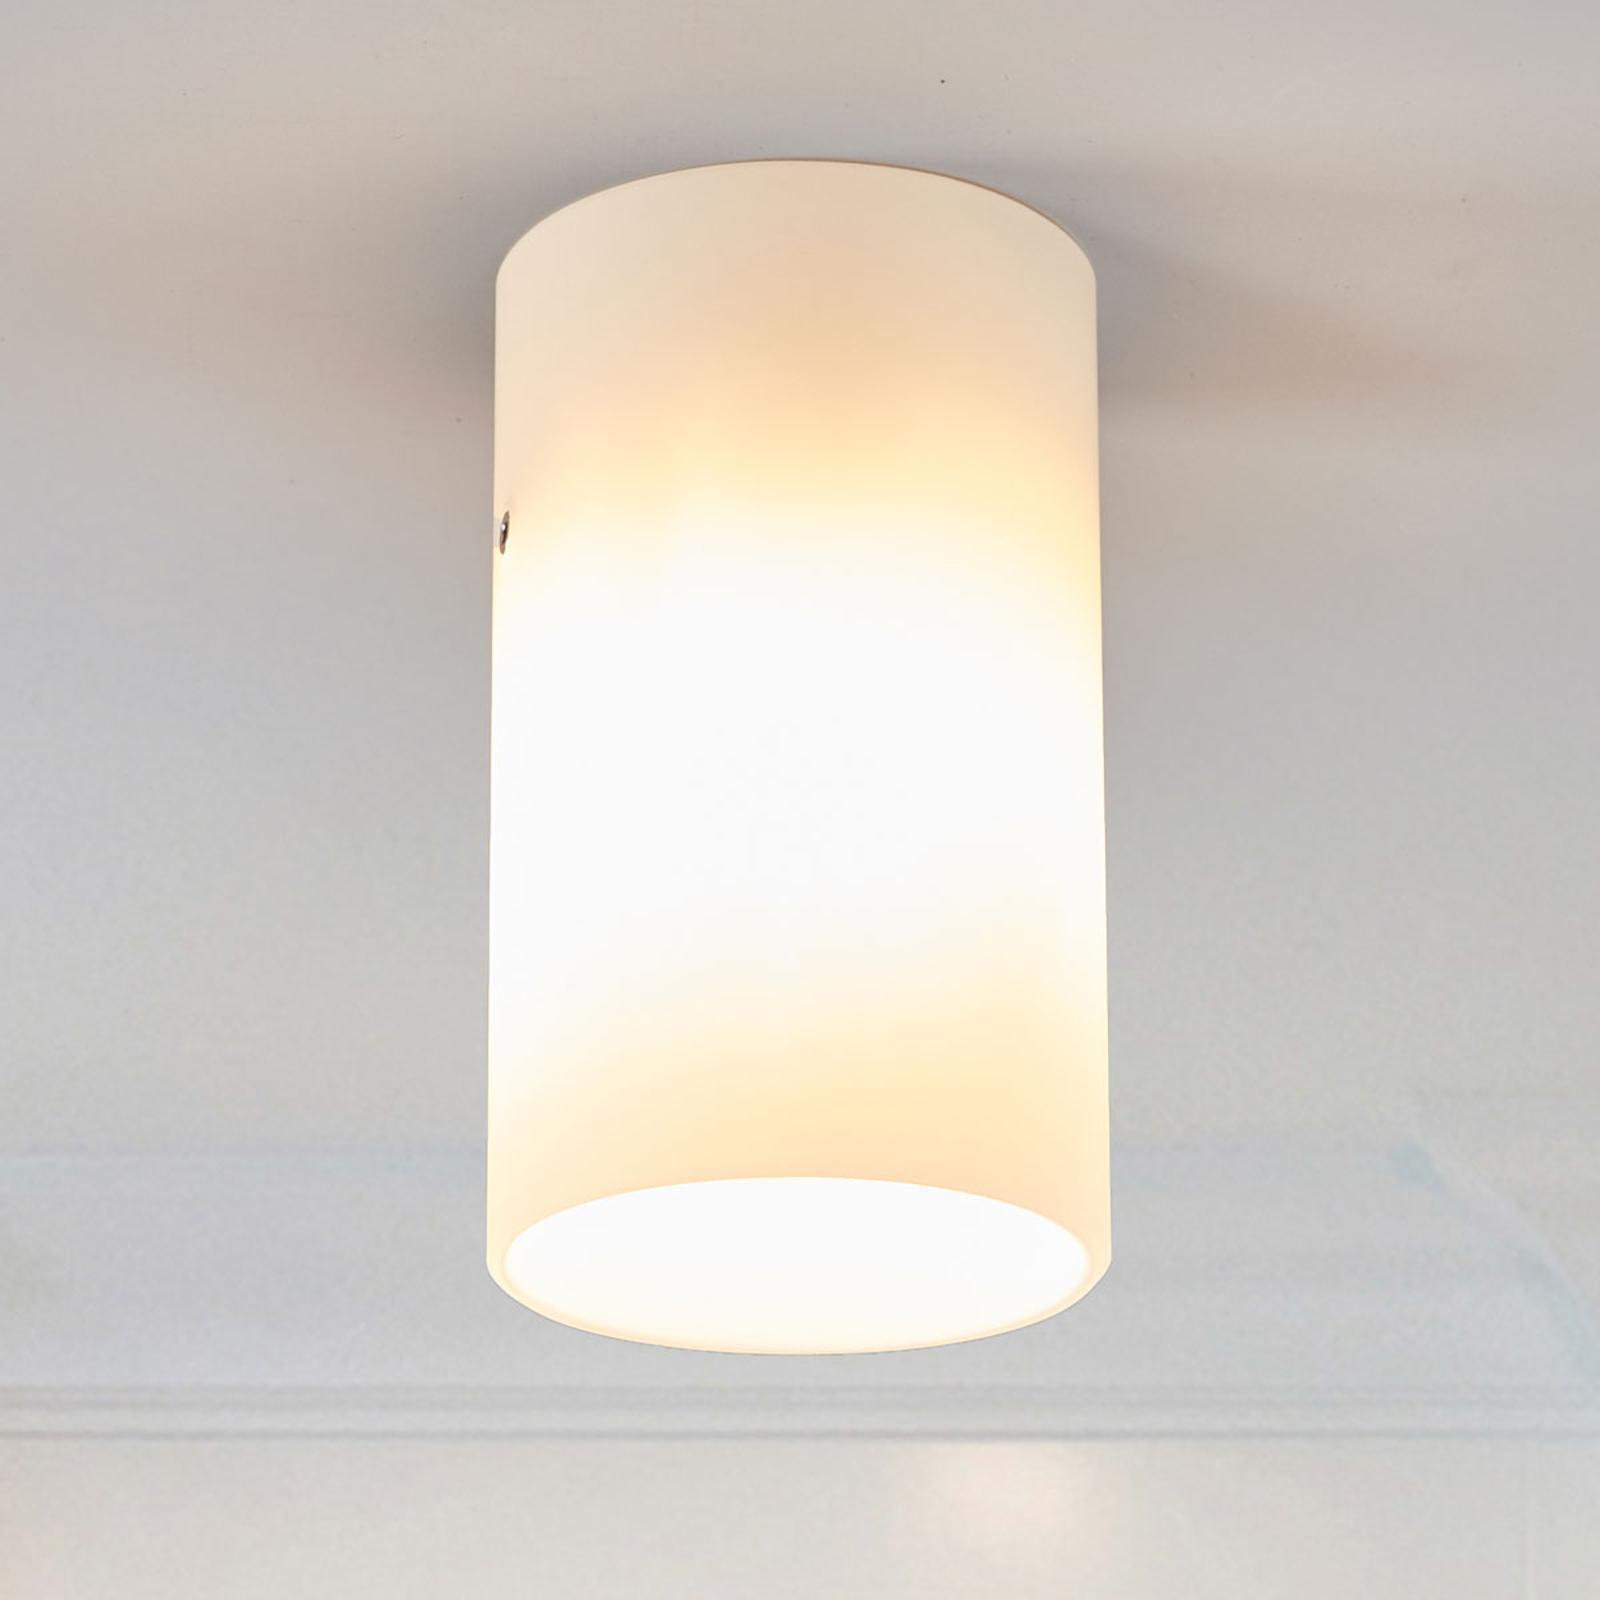 Rund loftlampe Tube